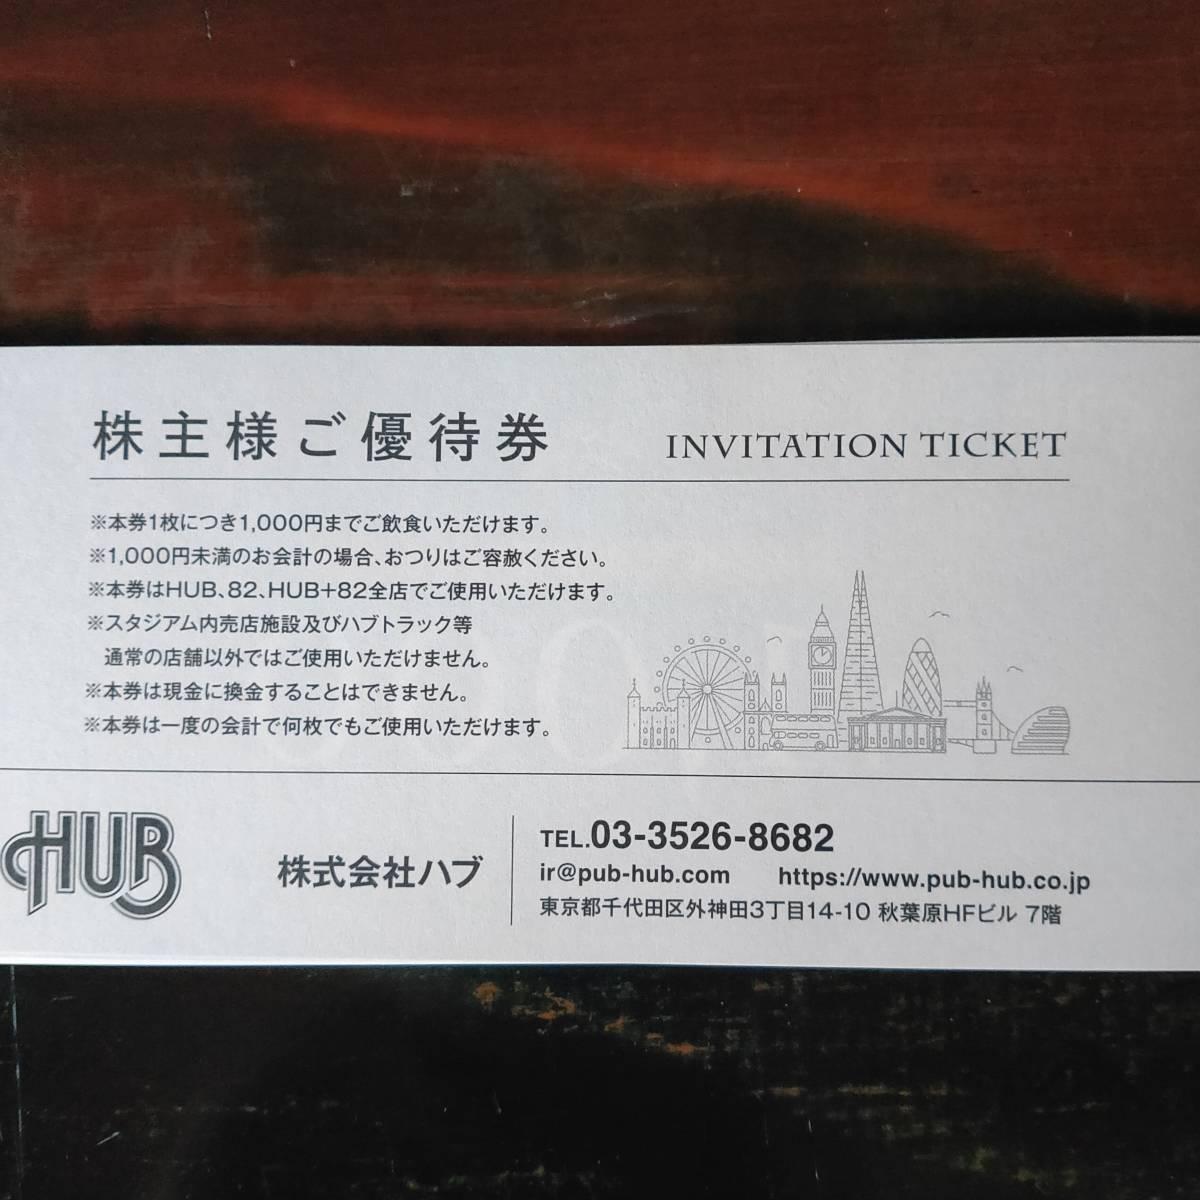 HUB ハブ 株主優待券 10000円分 2022年9月30日まで 82 HUB+82_画像2